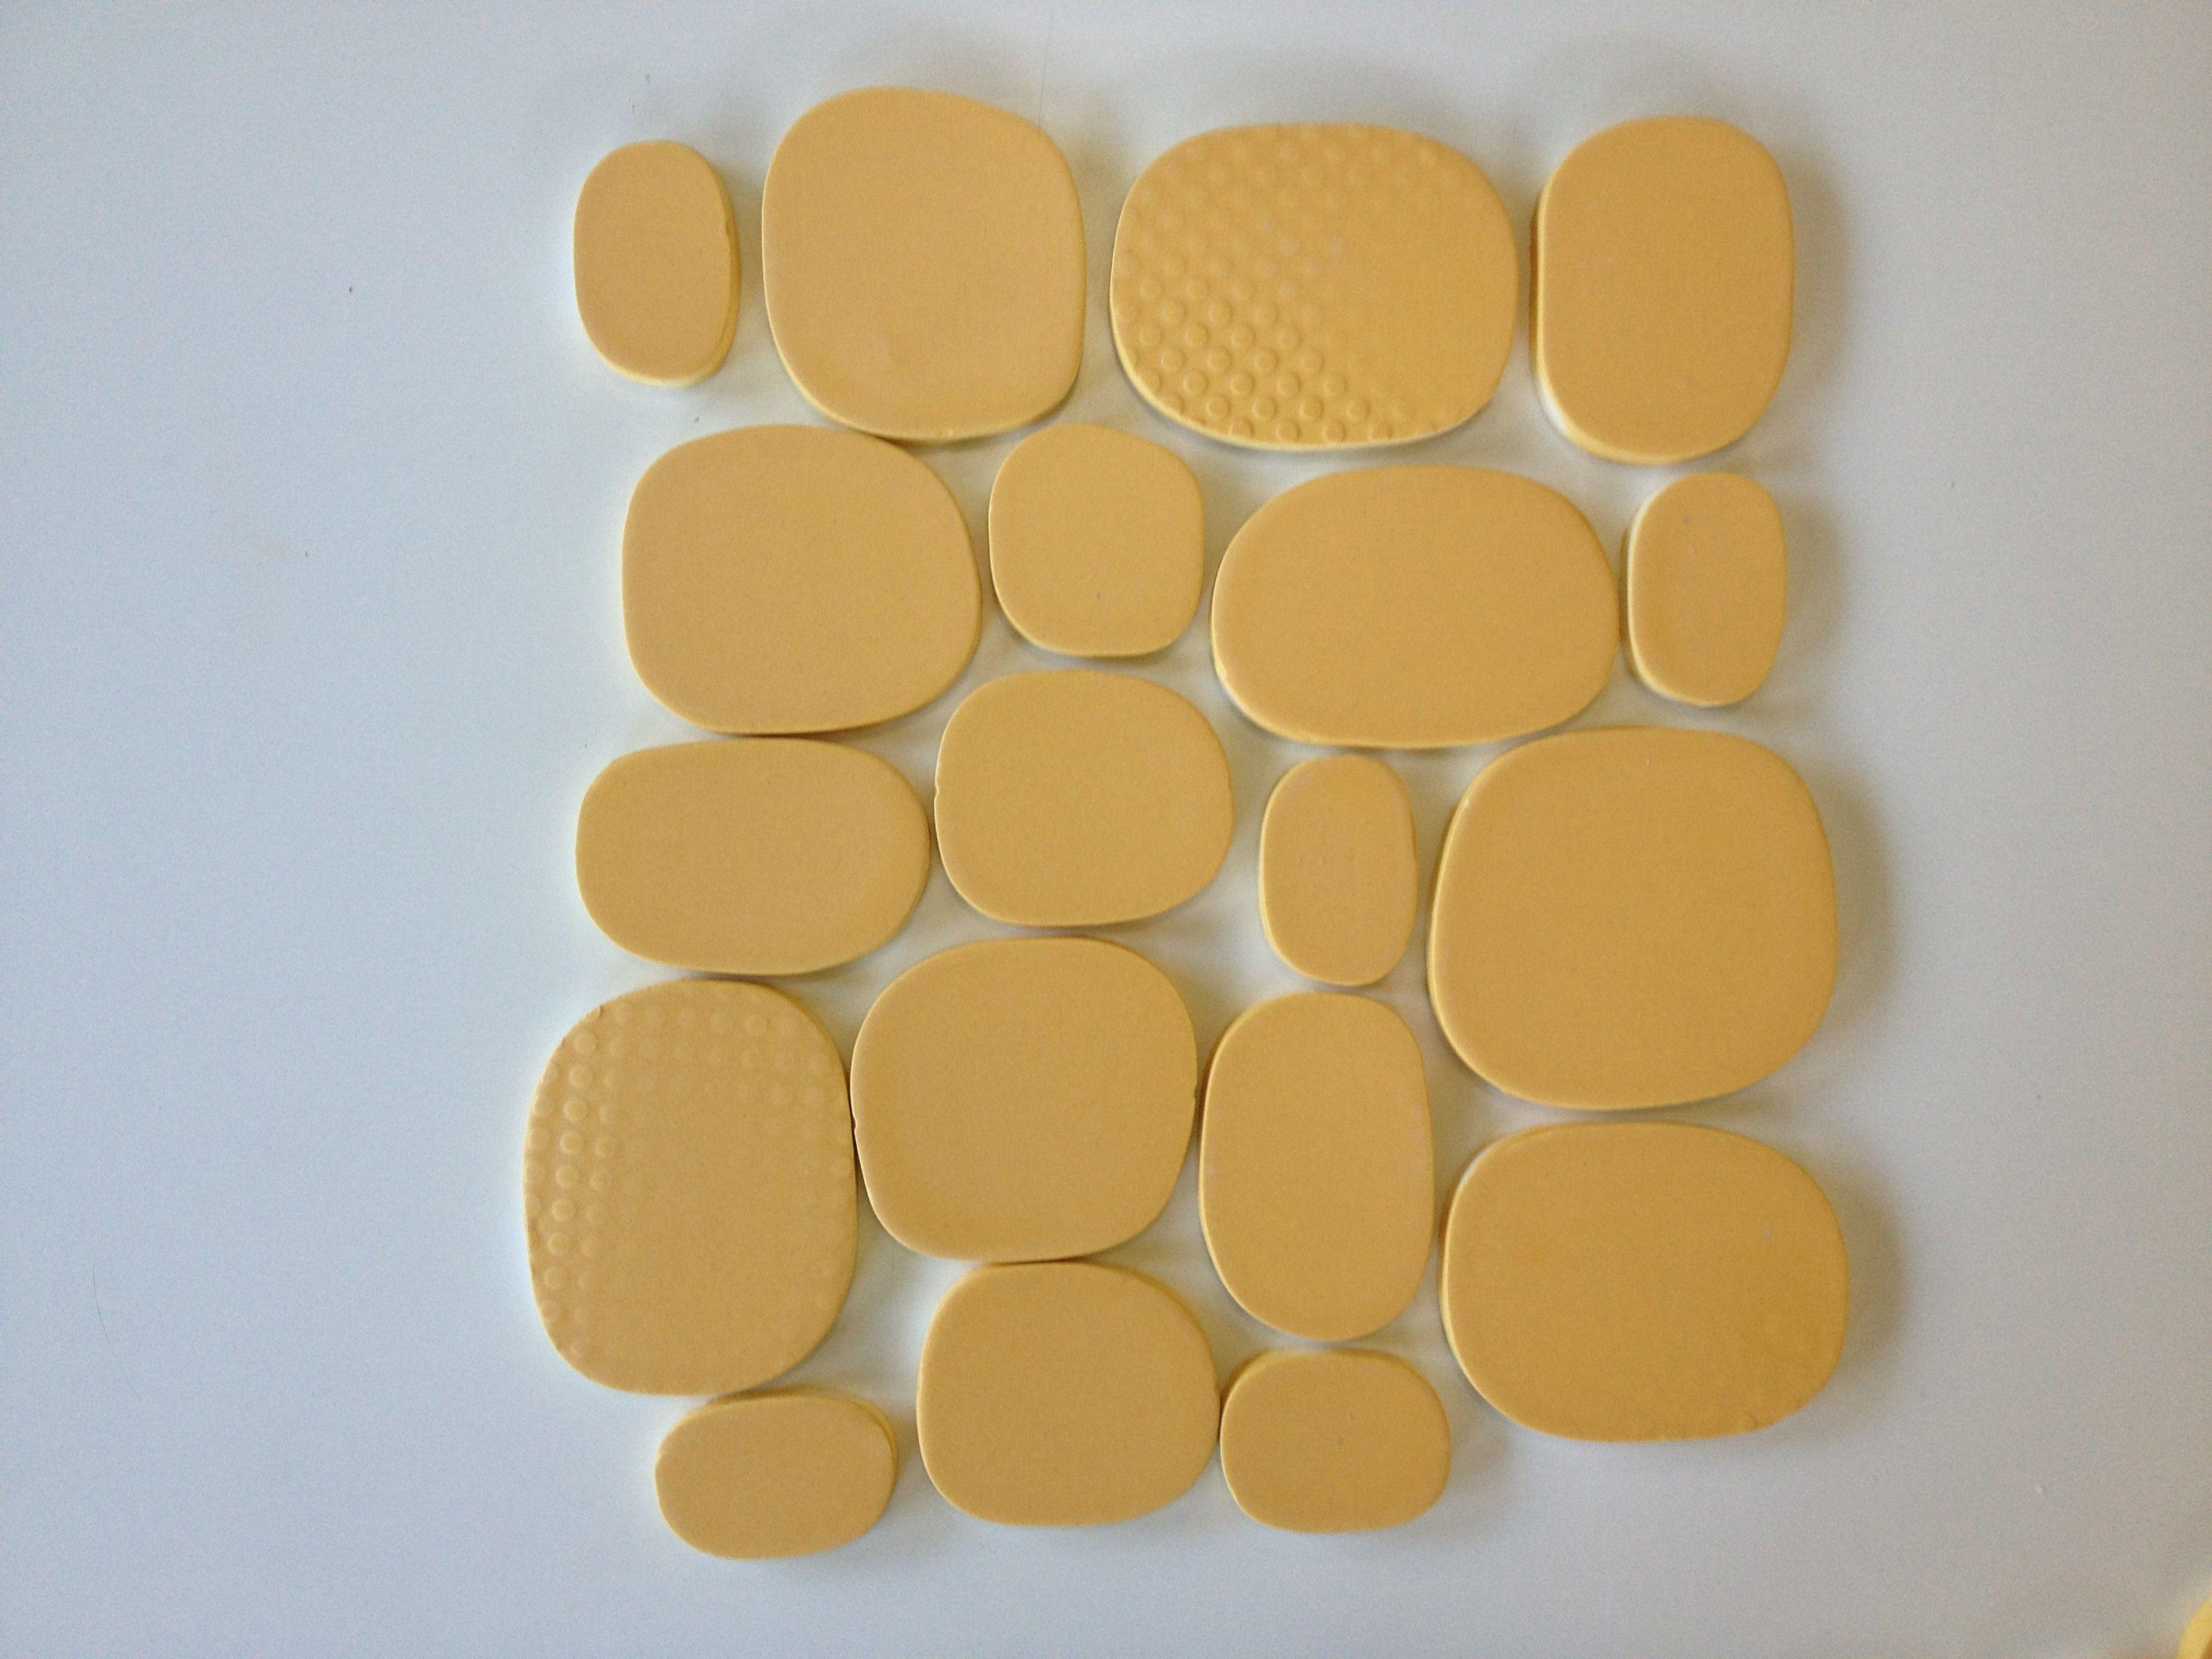 Sample of Rex Ray Studio Ceramic Tile Rox -